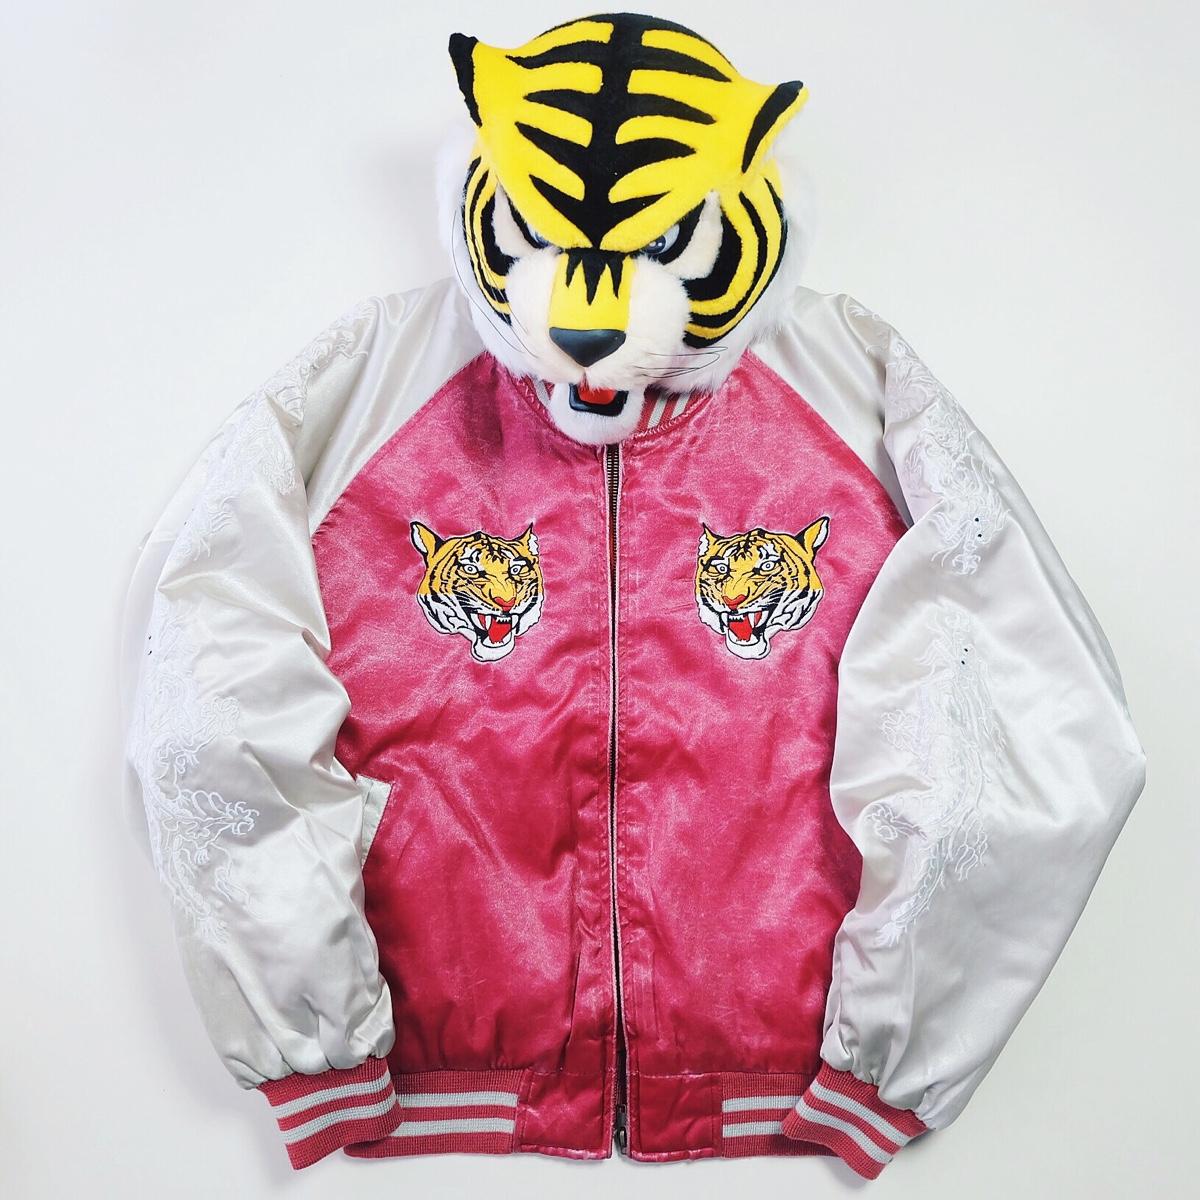 souvenir-jacket.jpg